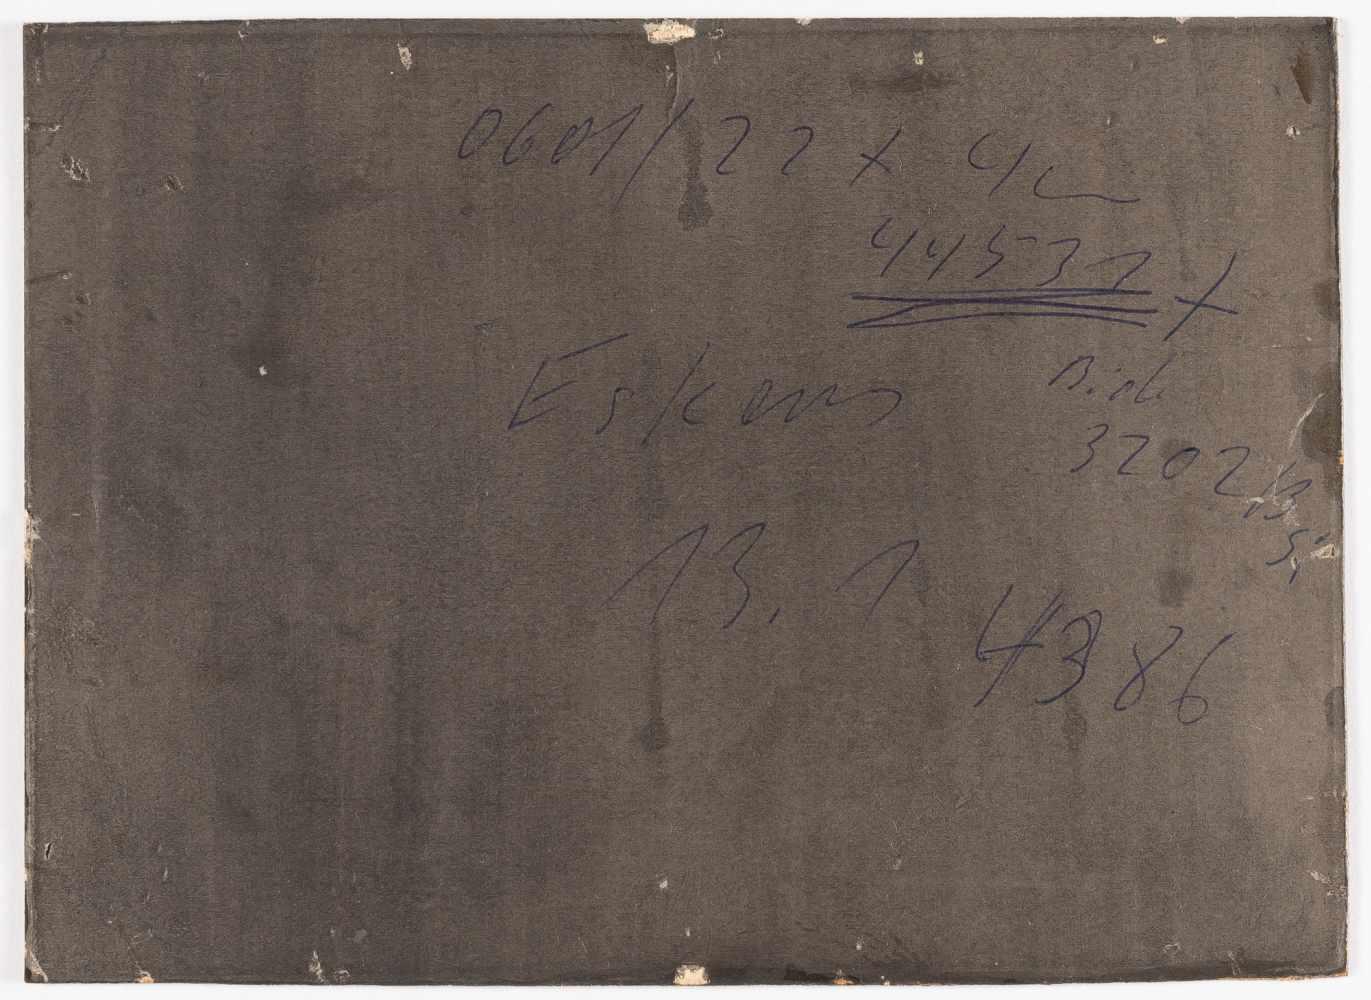 Lot 50 - Andreas Achenbach1815 Kassel - Düsseldorf 1907Segler bei stürmischer SeeÖl auf Papier, auf Pappe